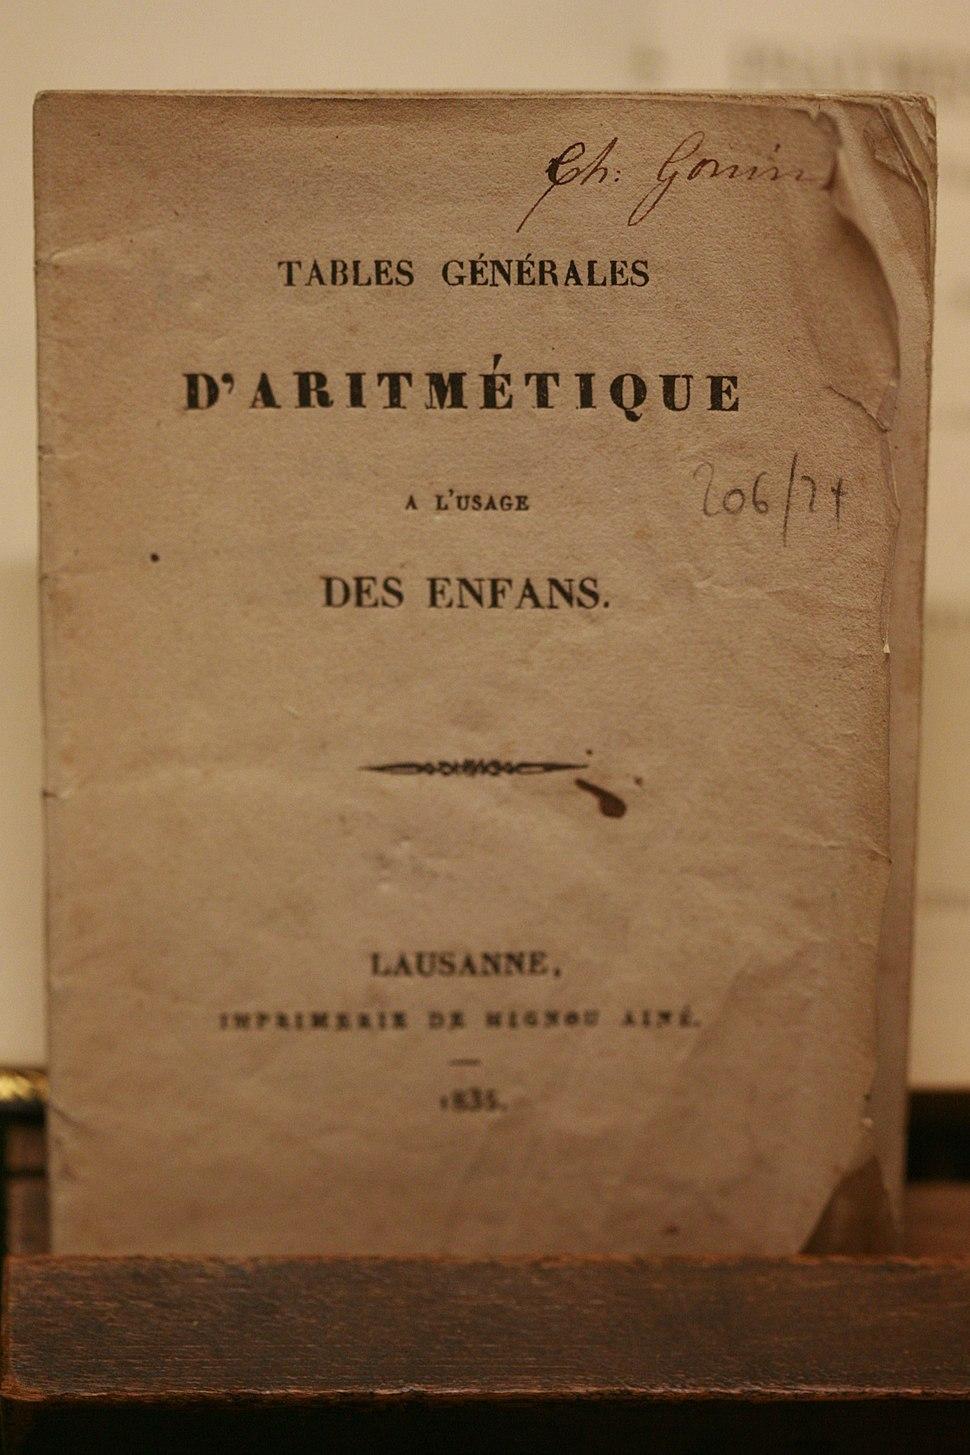 Tables generales aritmetique MG 2108